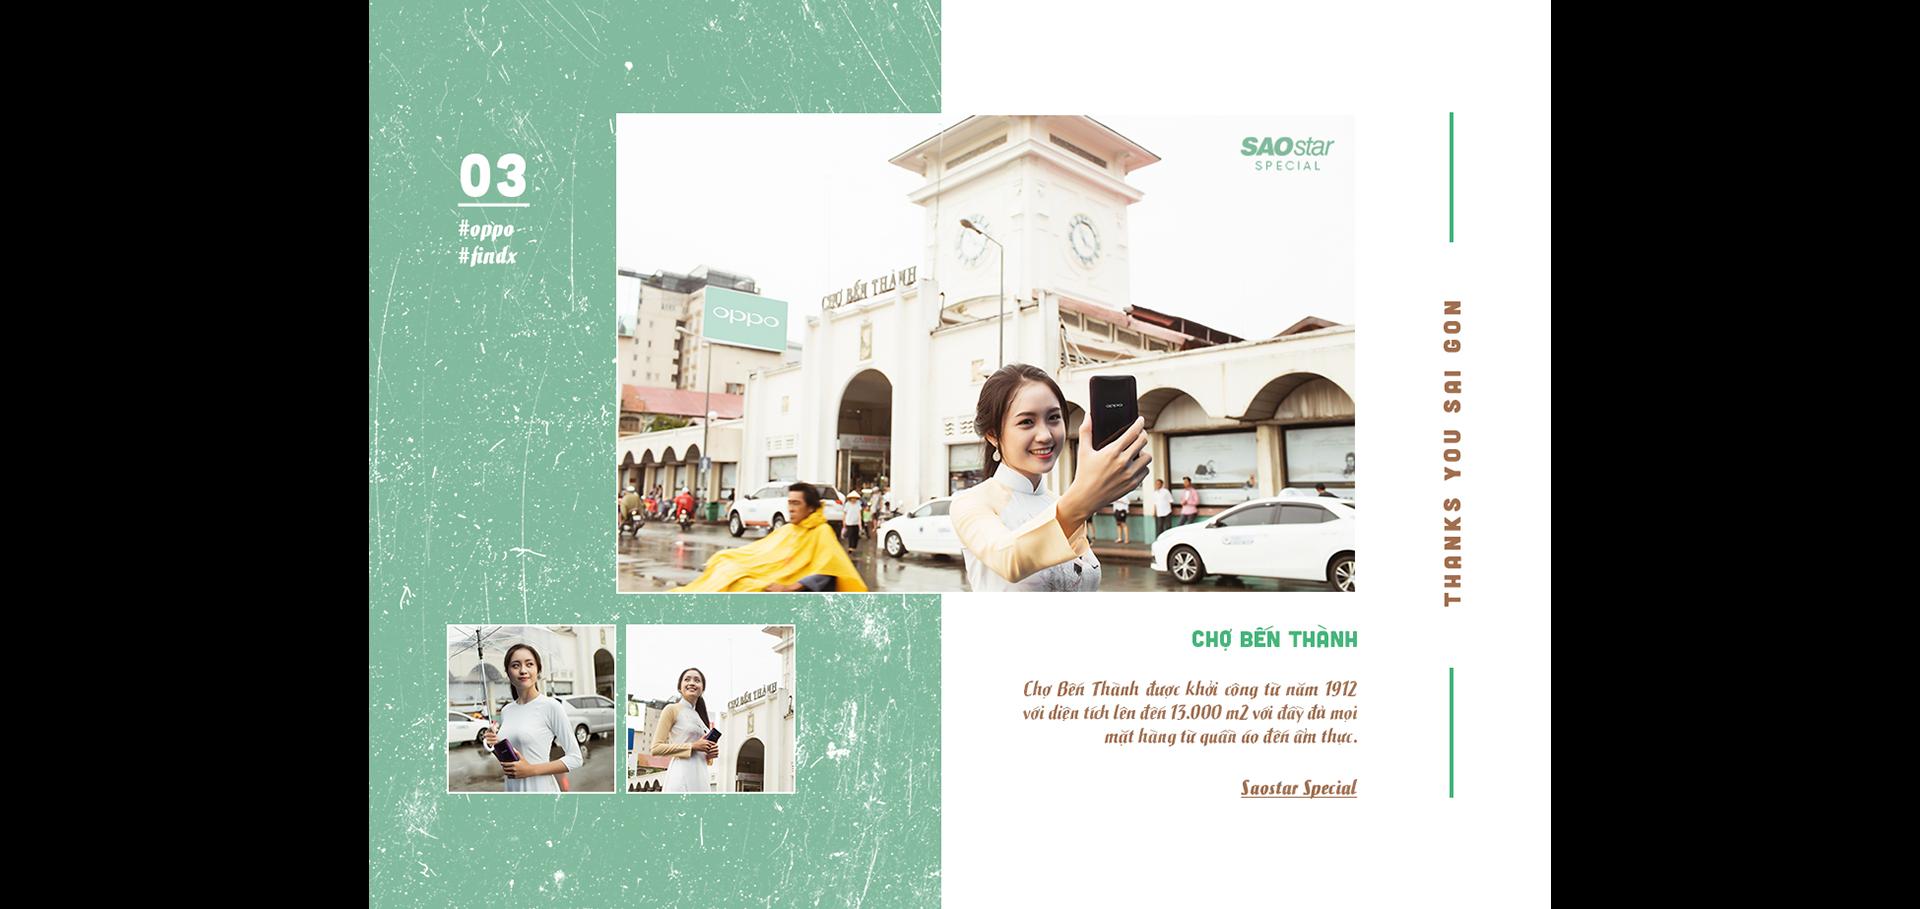 Cảm ơn Sài Gòn - Vẻ đẹp bất biến của thời gian